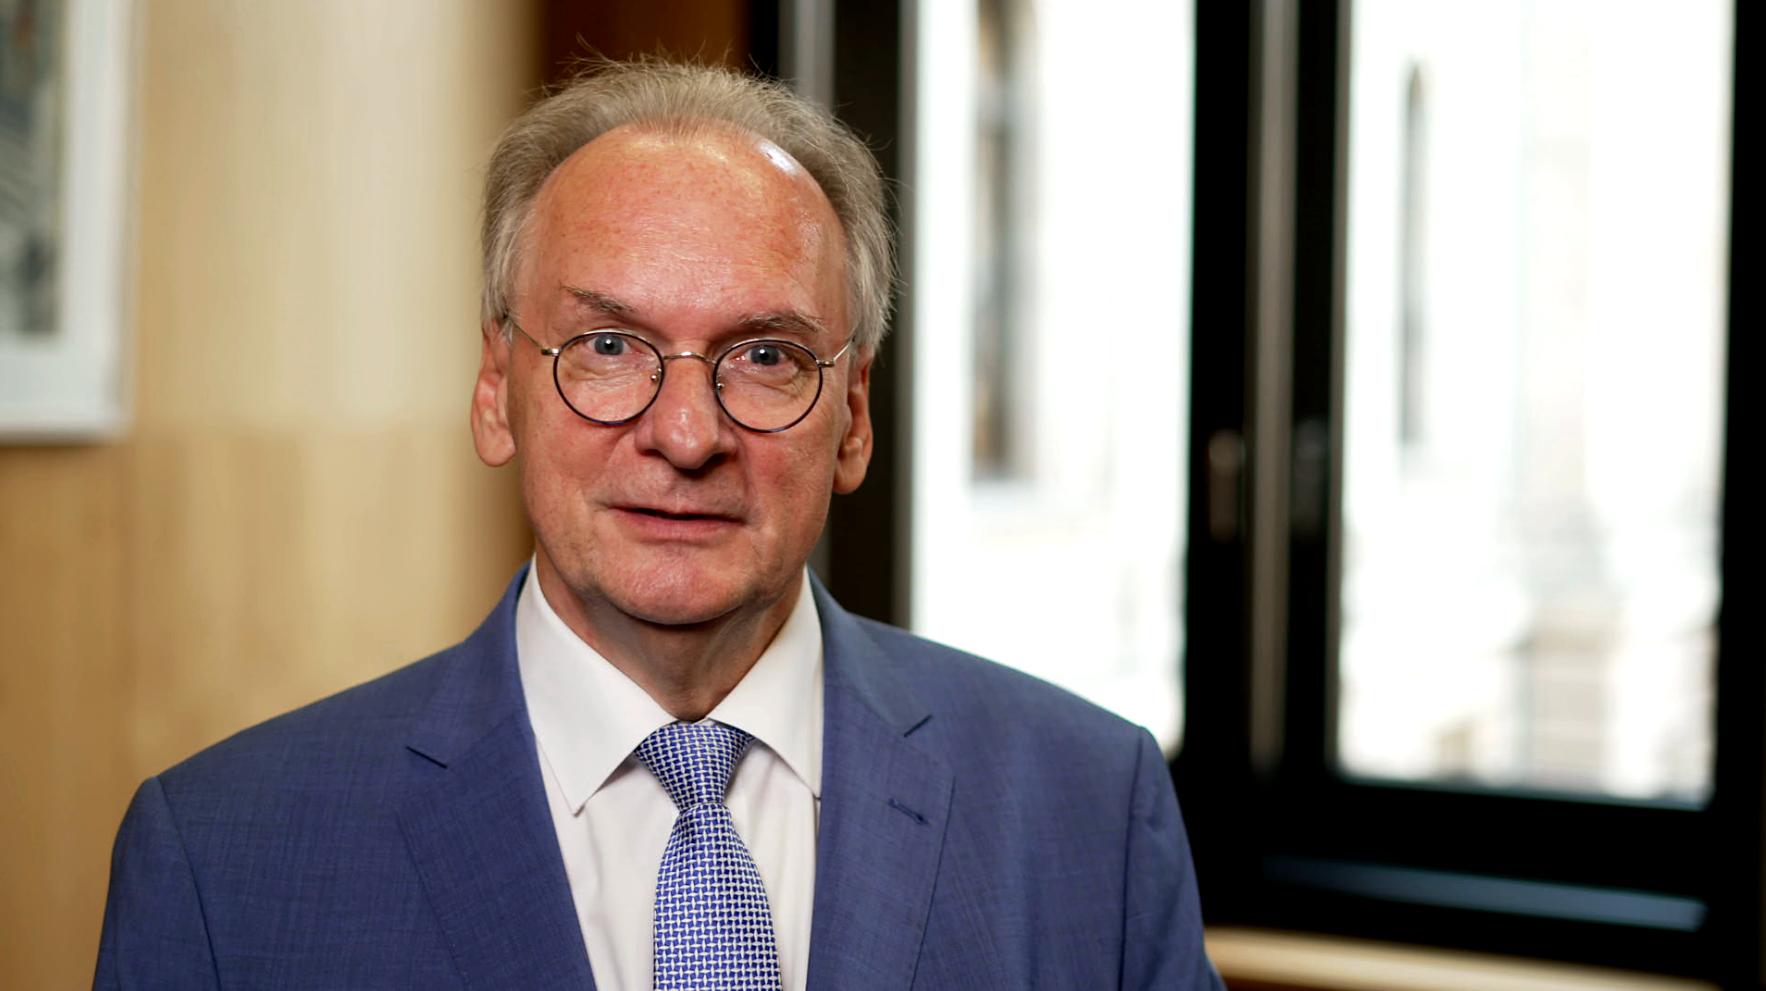 Bundesratspräsident  Reiner Haseloff, Schirmherr der Deutschen Fernsehlotterie und der Stiftung Deutsches Hilfswerk.